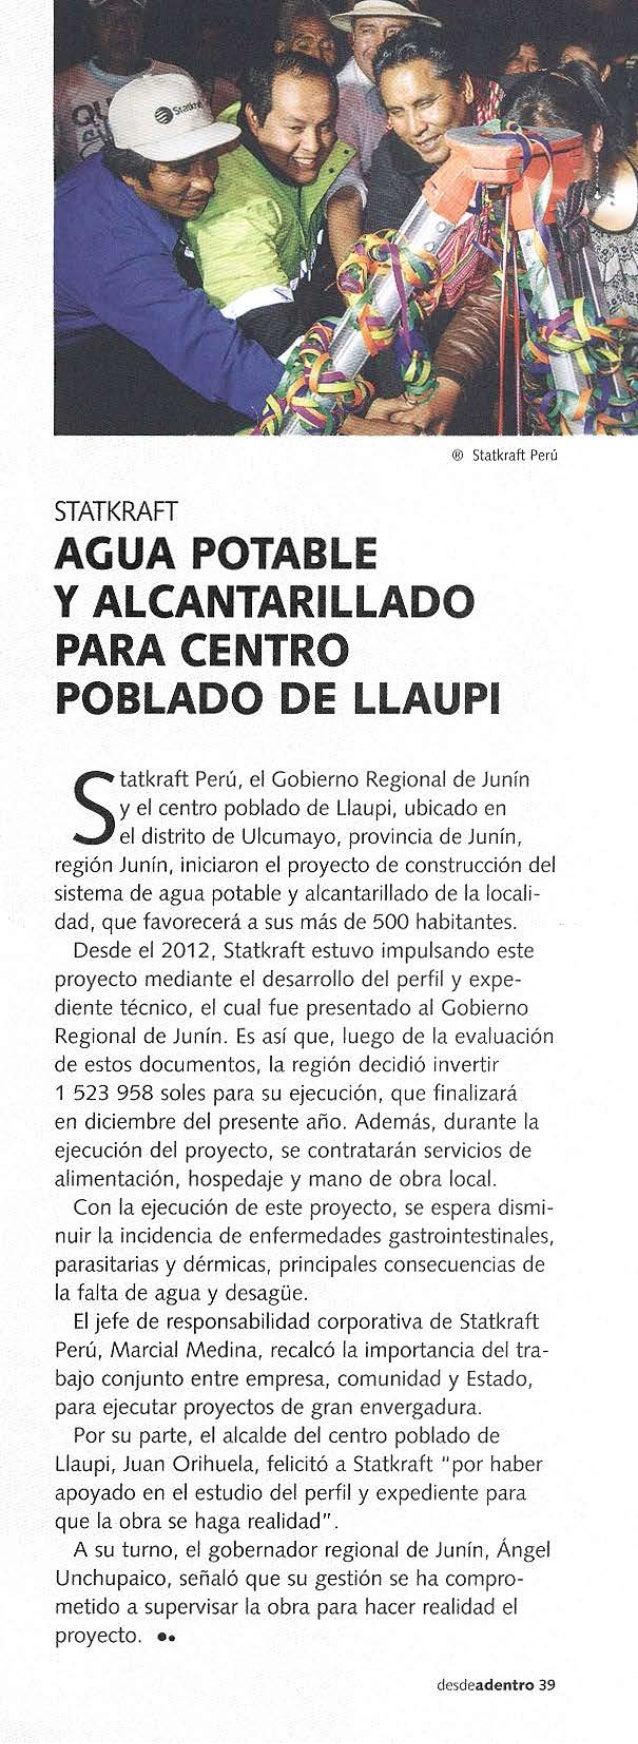 Artículo en Revista Desde Adentro sobre proyecto de agua potable y alcantarillado en el Centro Poblado de Llaupi